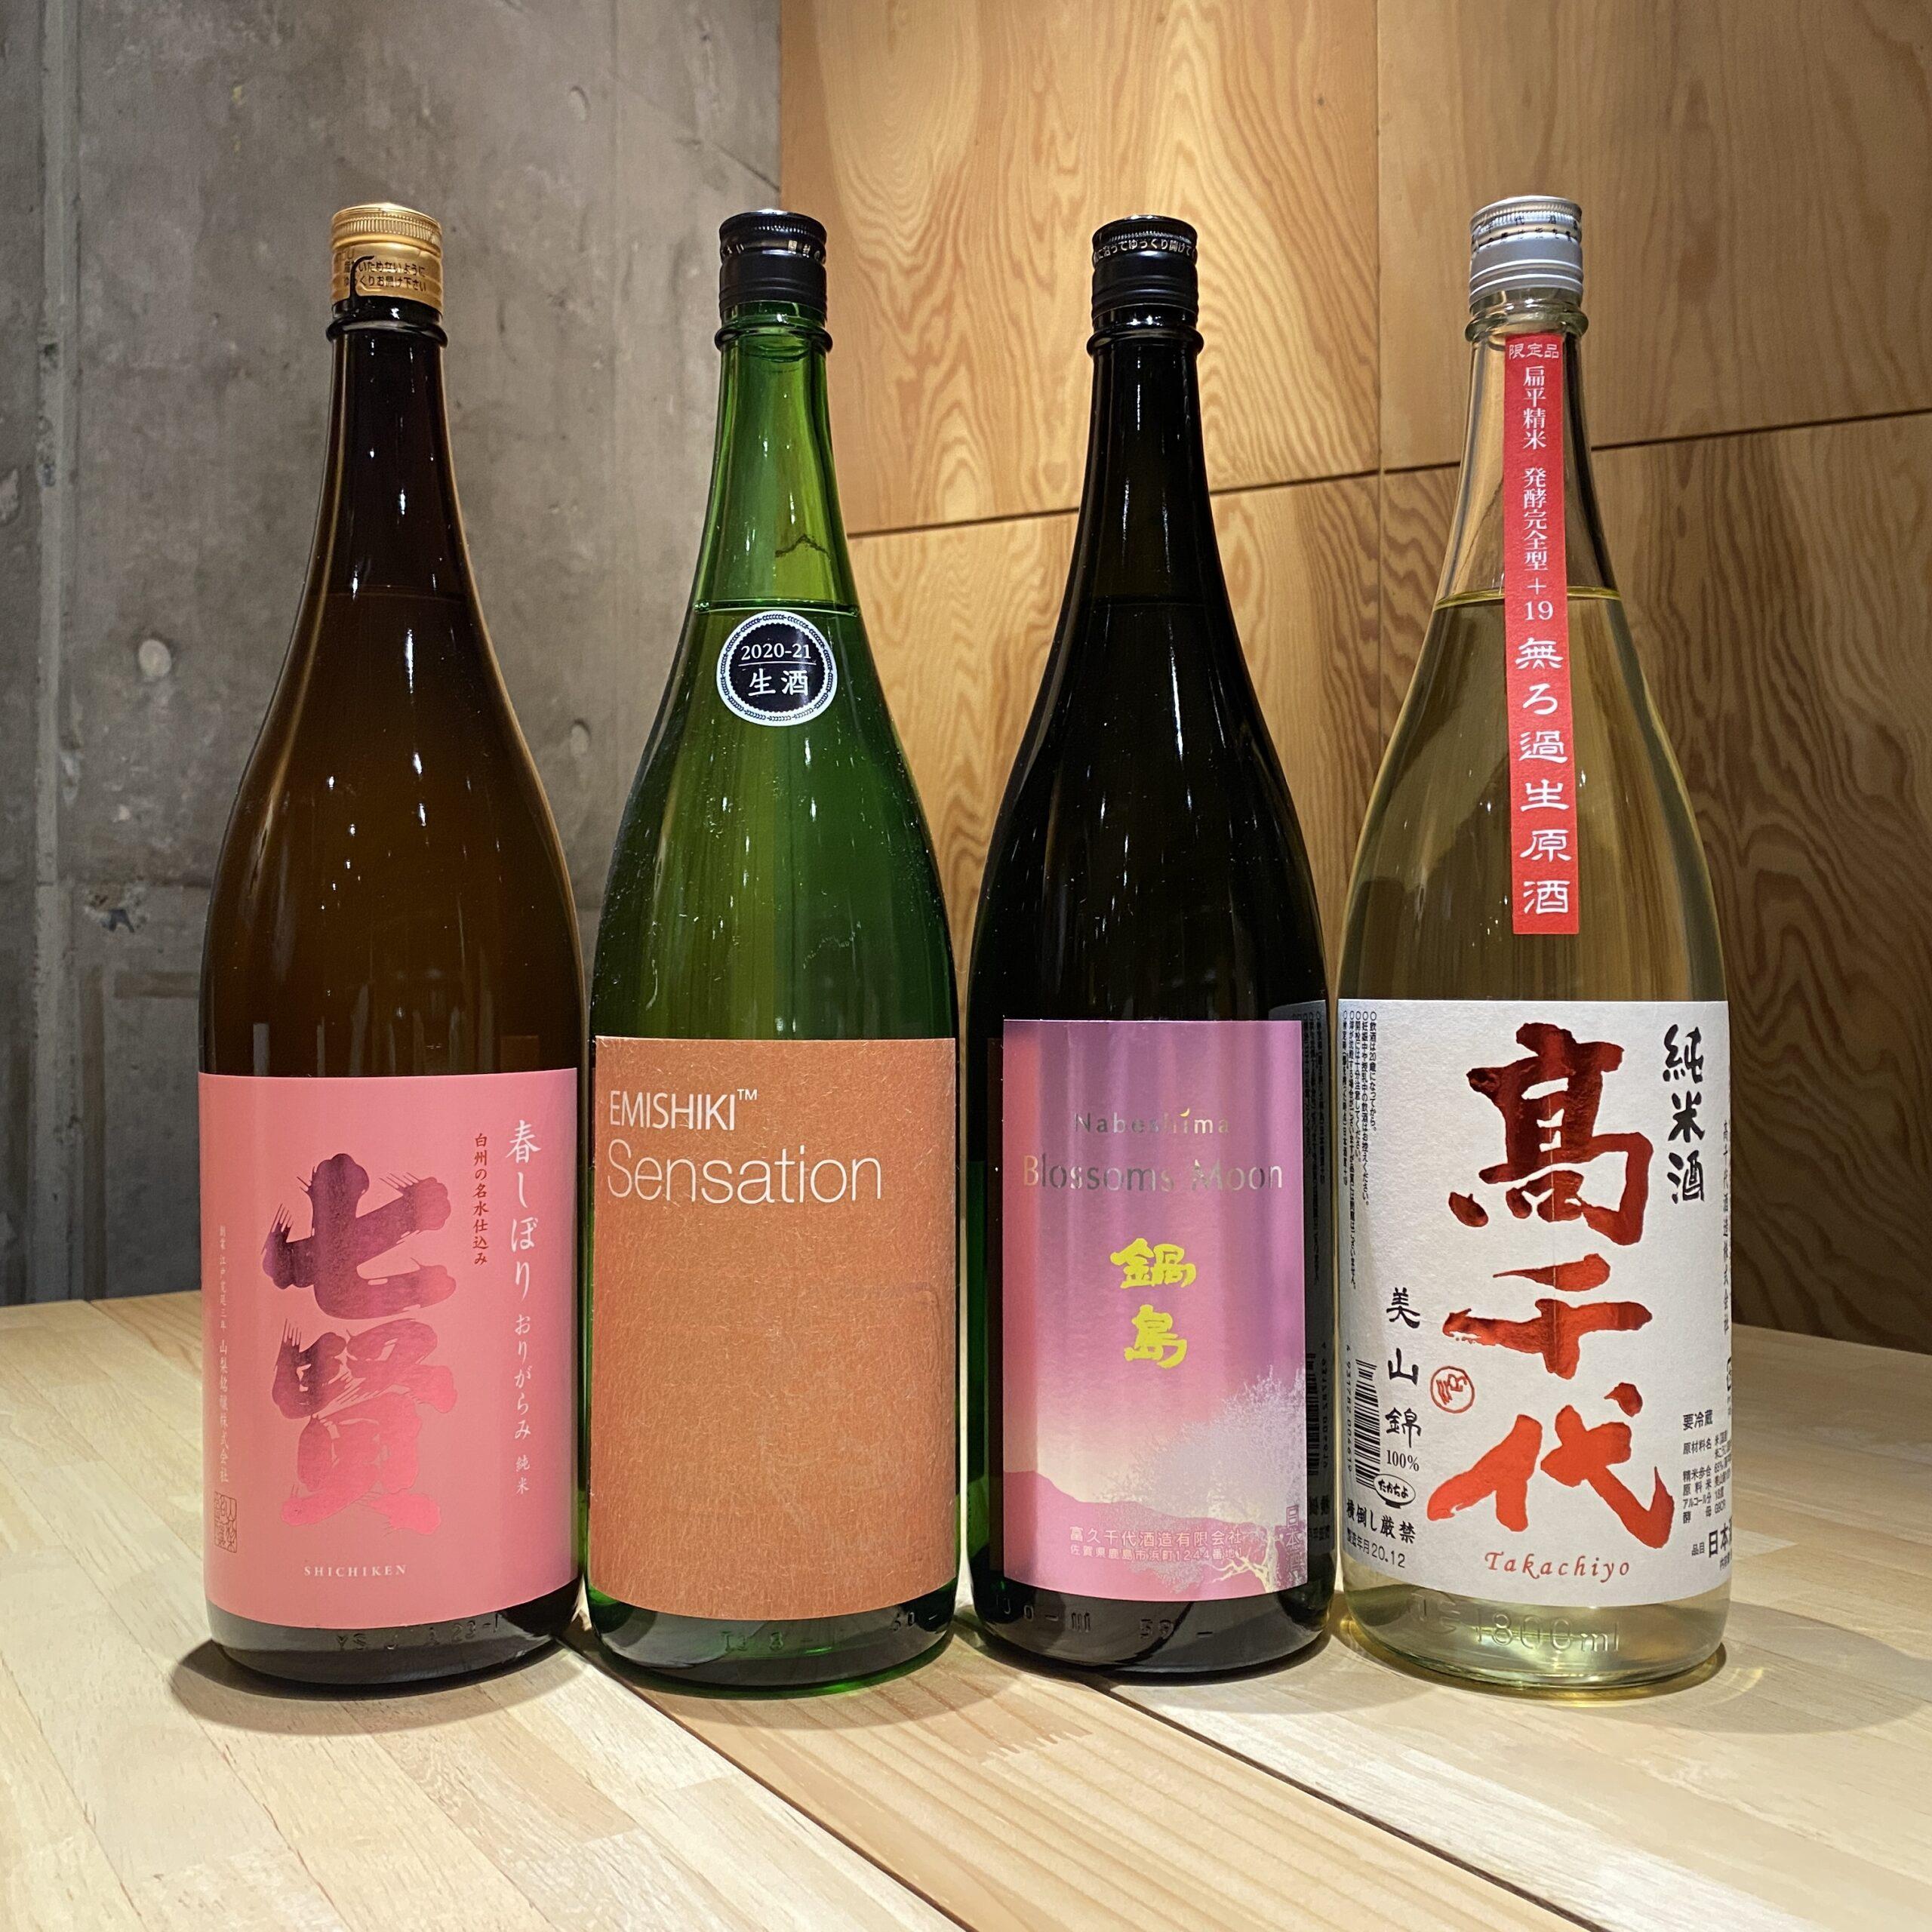 2月19日(金)の新着酒#2